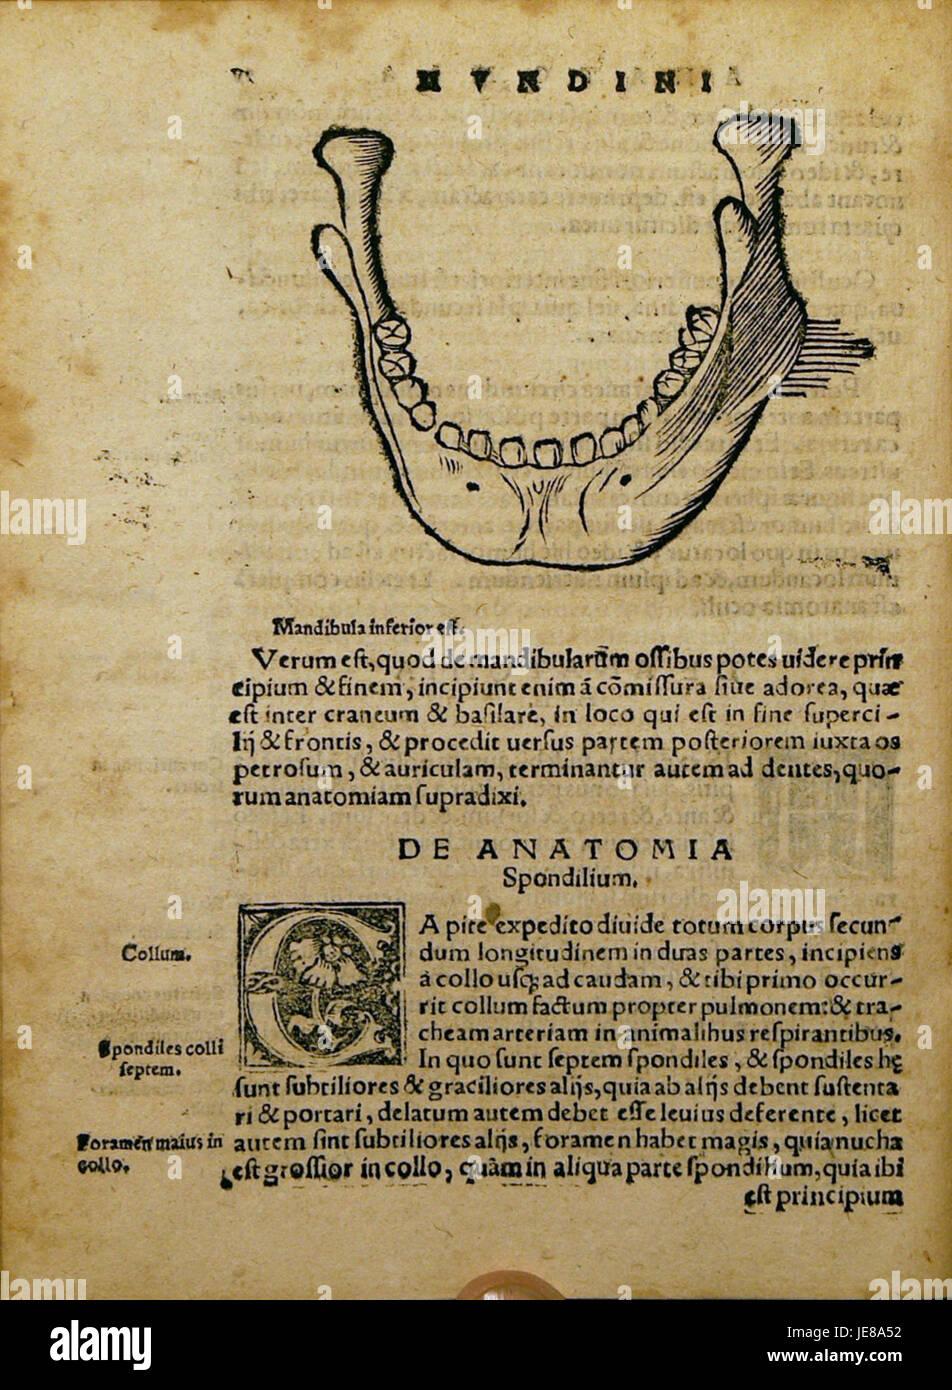 Dryander Anatomia Mundini 118 Immagini Stock